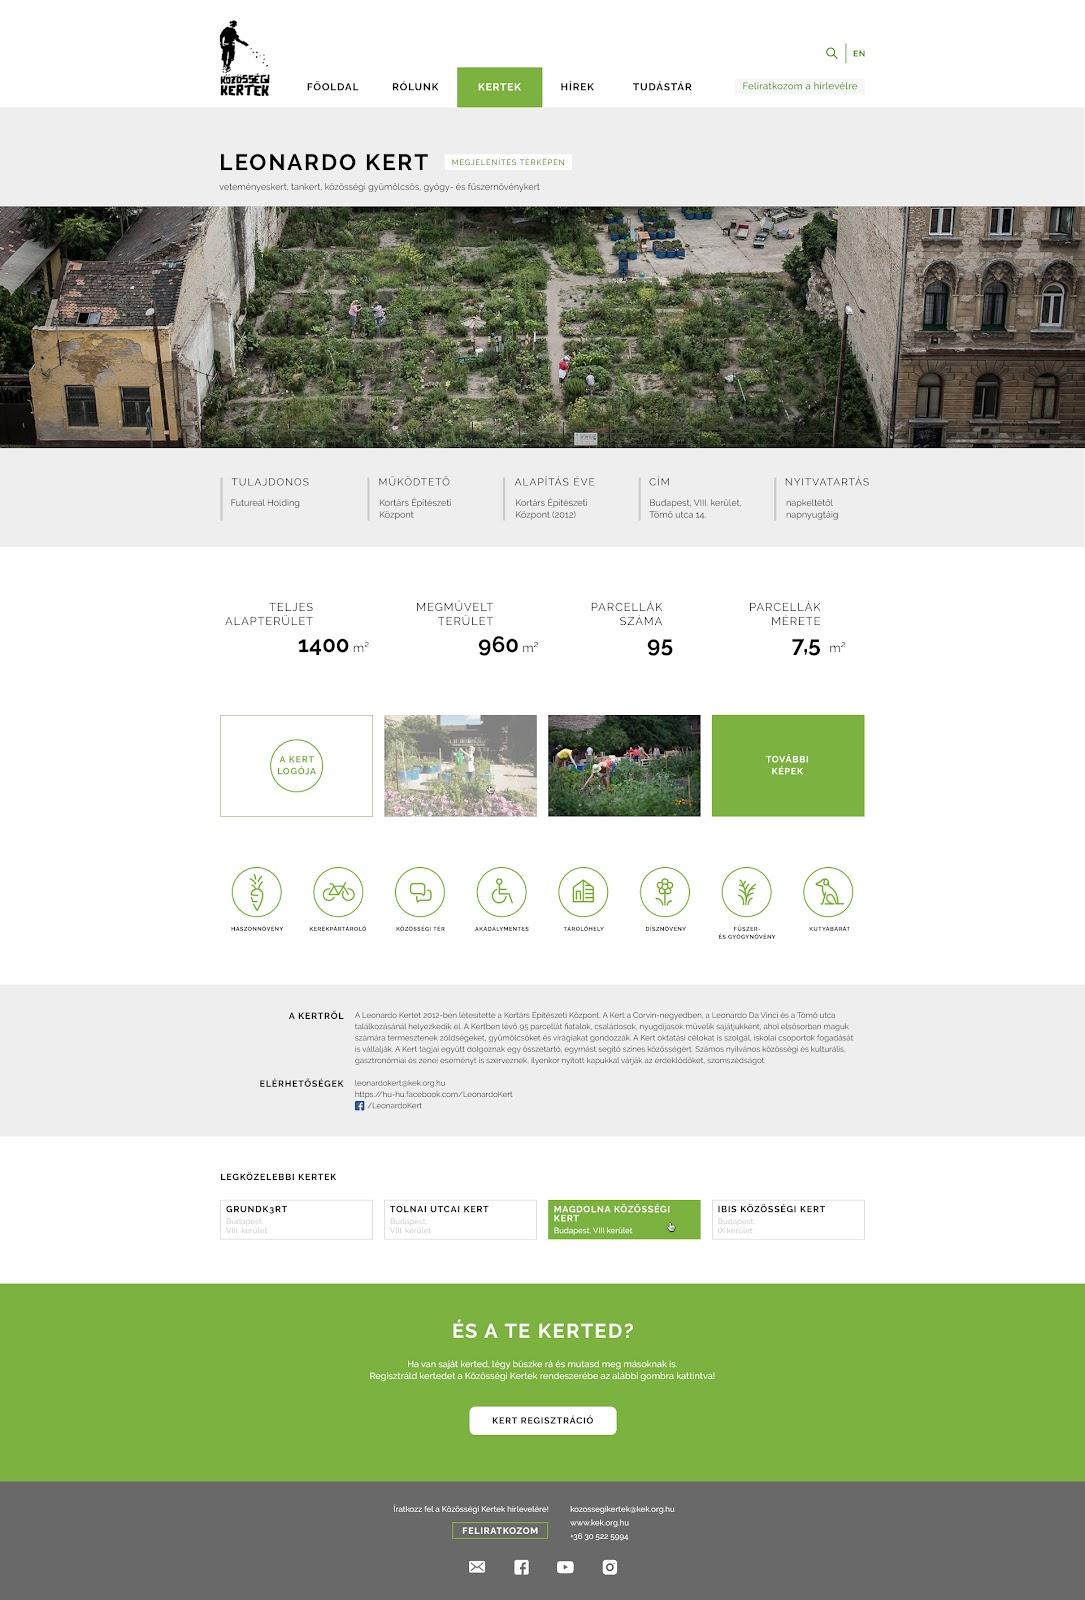 A közösségi kertek adatai ilyen formában fognak megjelenni a honlapon